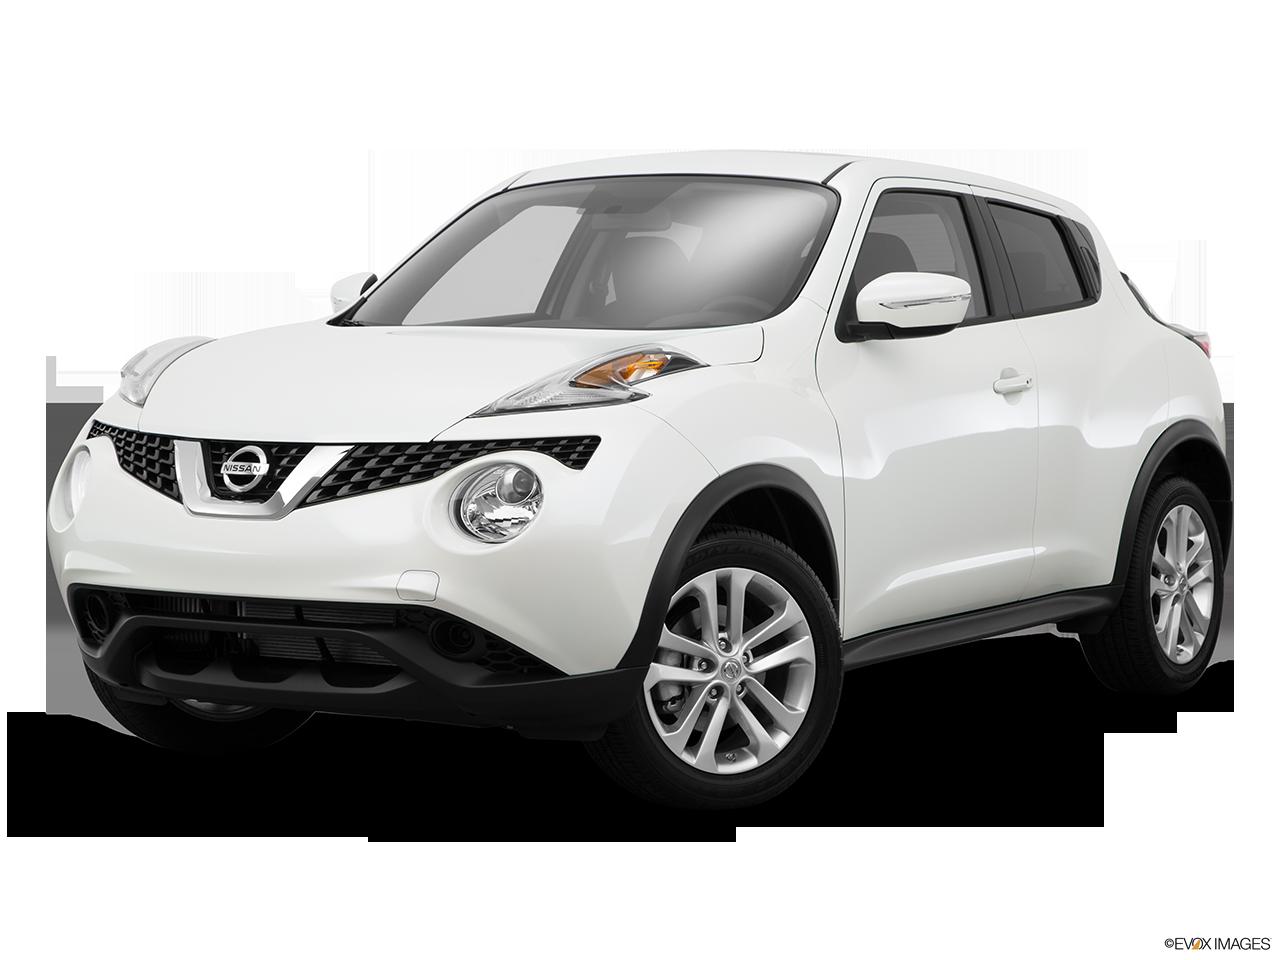 New Nissan Juke SV AWD, future car ️ Nissan juke, Best